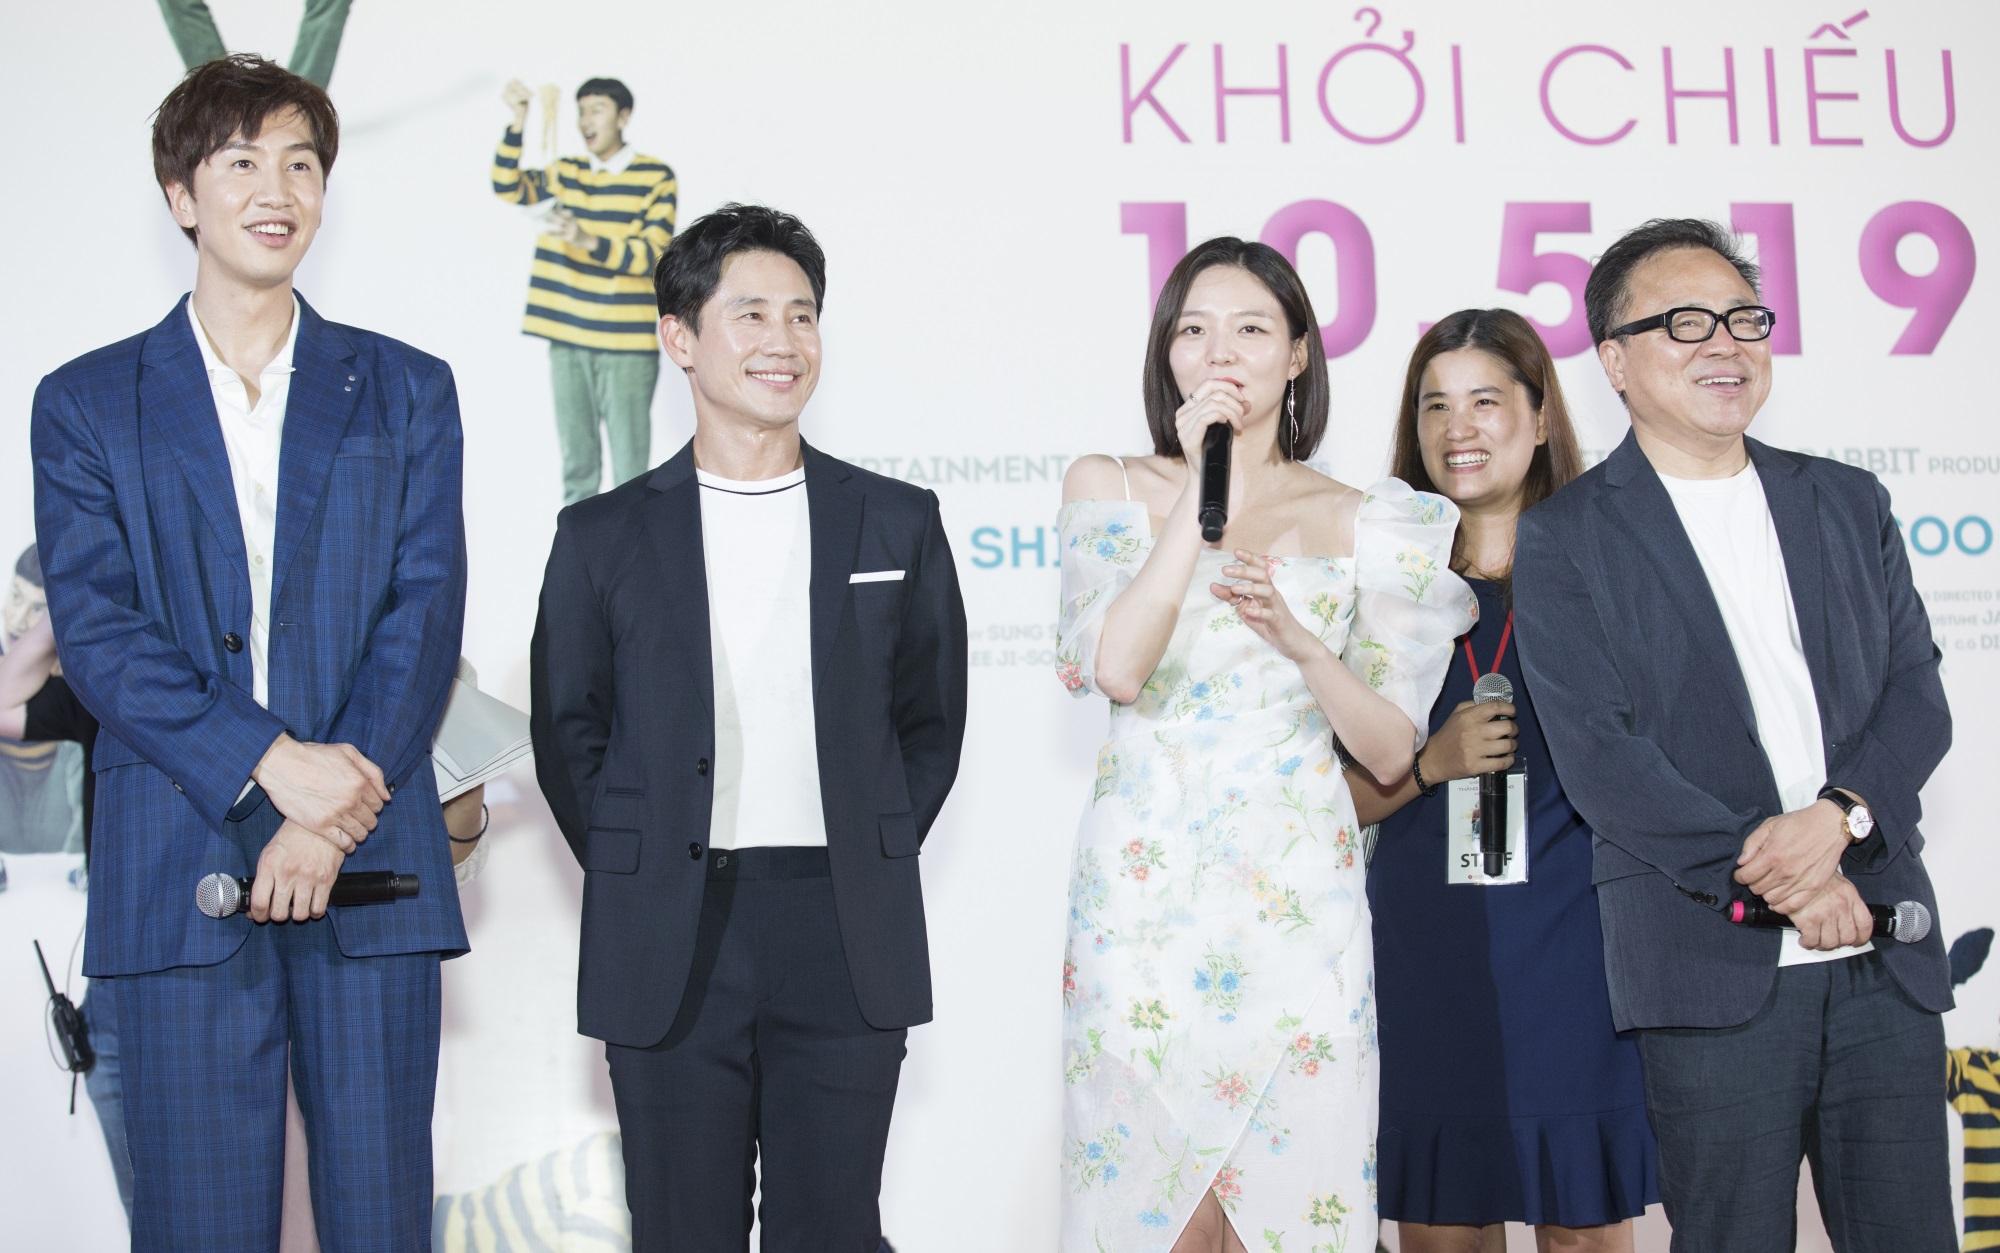 """Tp.HCM: Dàn sao Hàn triệu view xuất hiện trong buổi ra mắt phim """"Thằng em lý tưởng"""", khiến dân tình bấn loạn - Ảnh 2"""